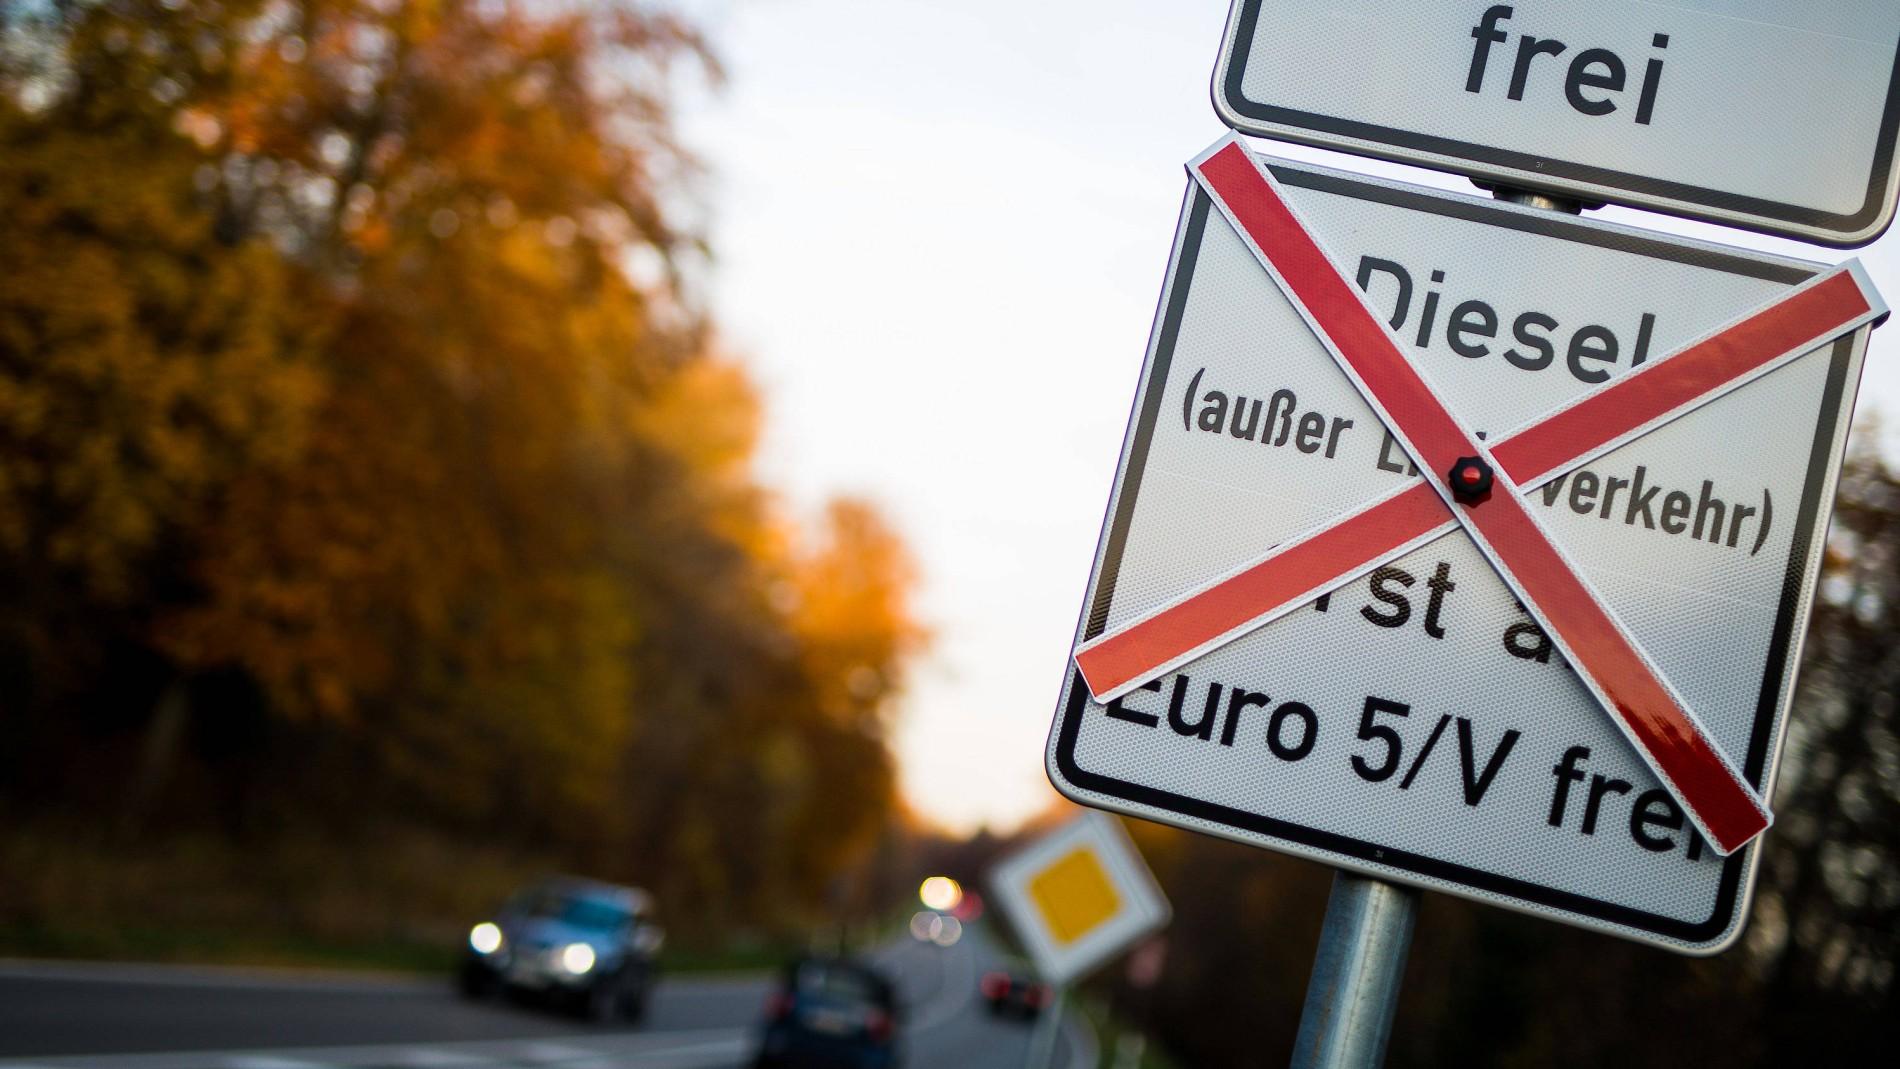 Vw Musterfeststellungsklage Dieselfahrer Wollen Schadenersatz